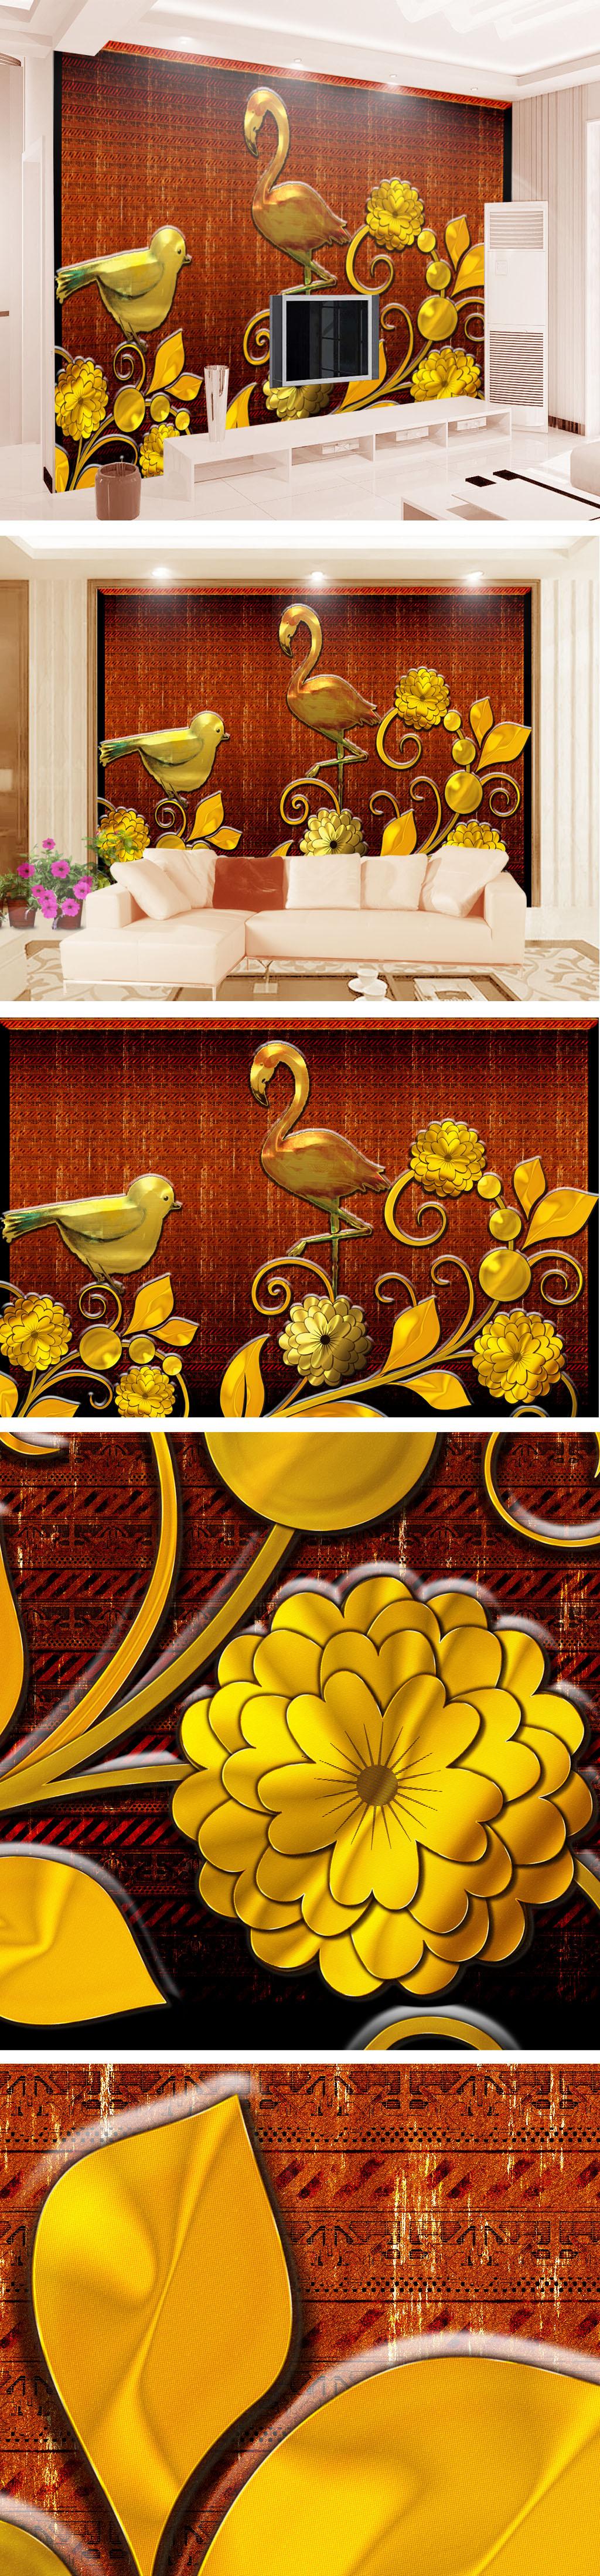 欧式大气金黄色手绘花鸟浮雕立体客厅.